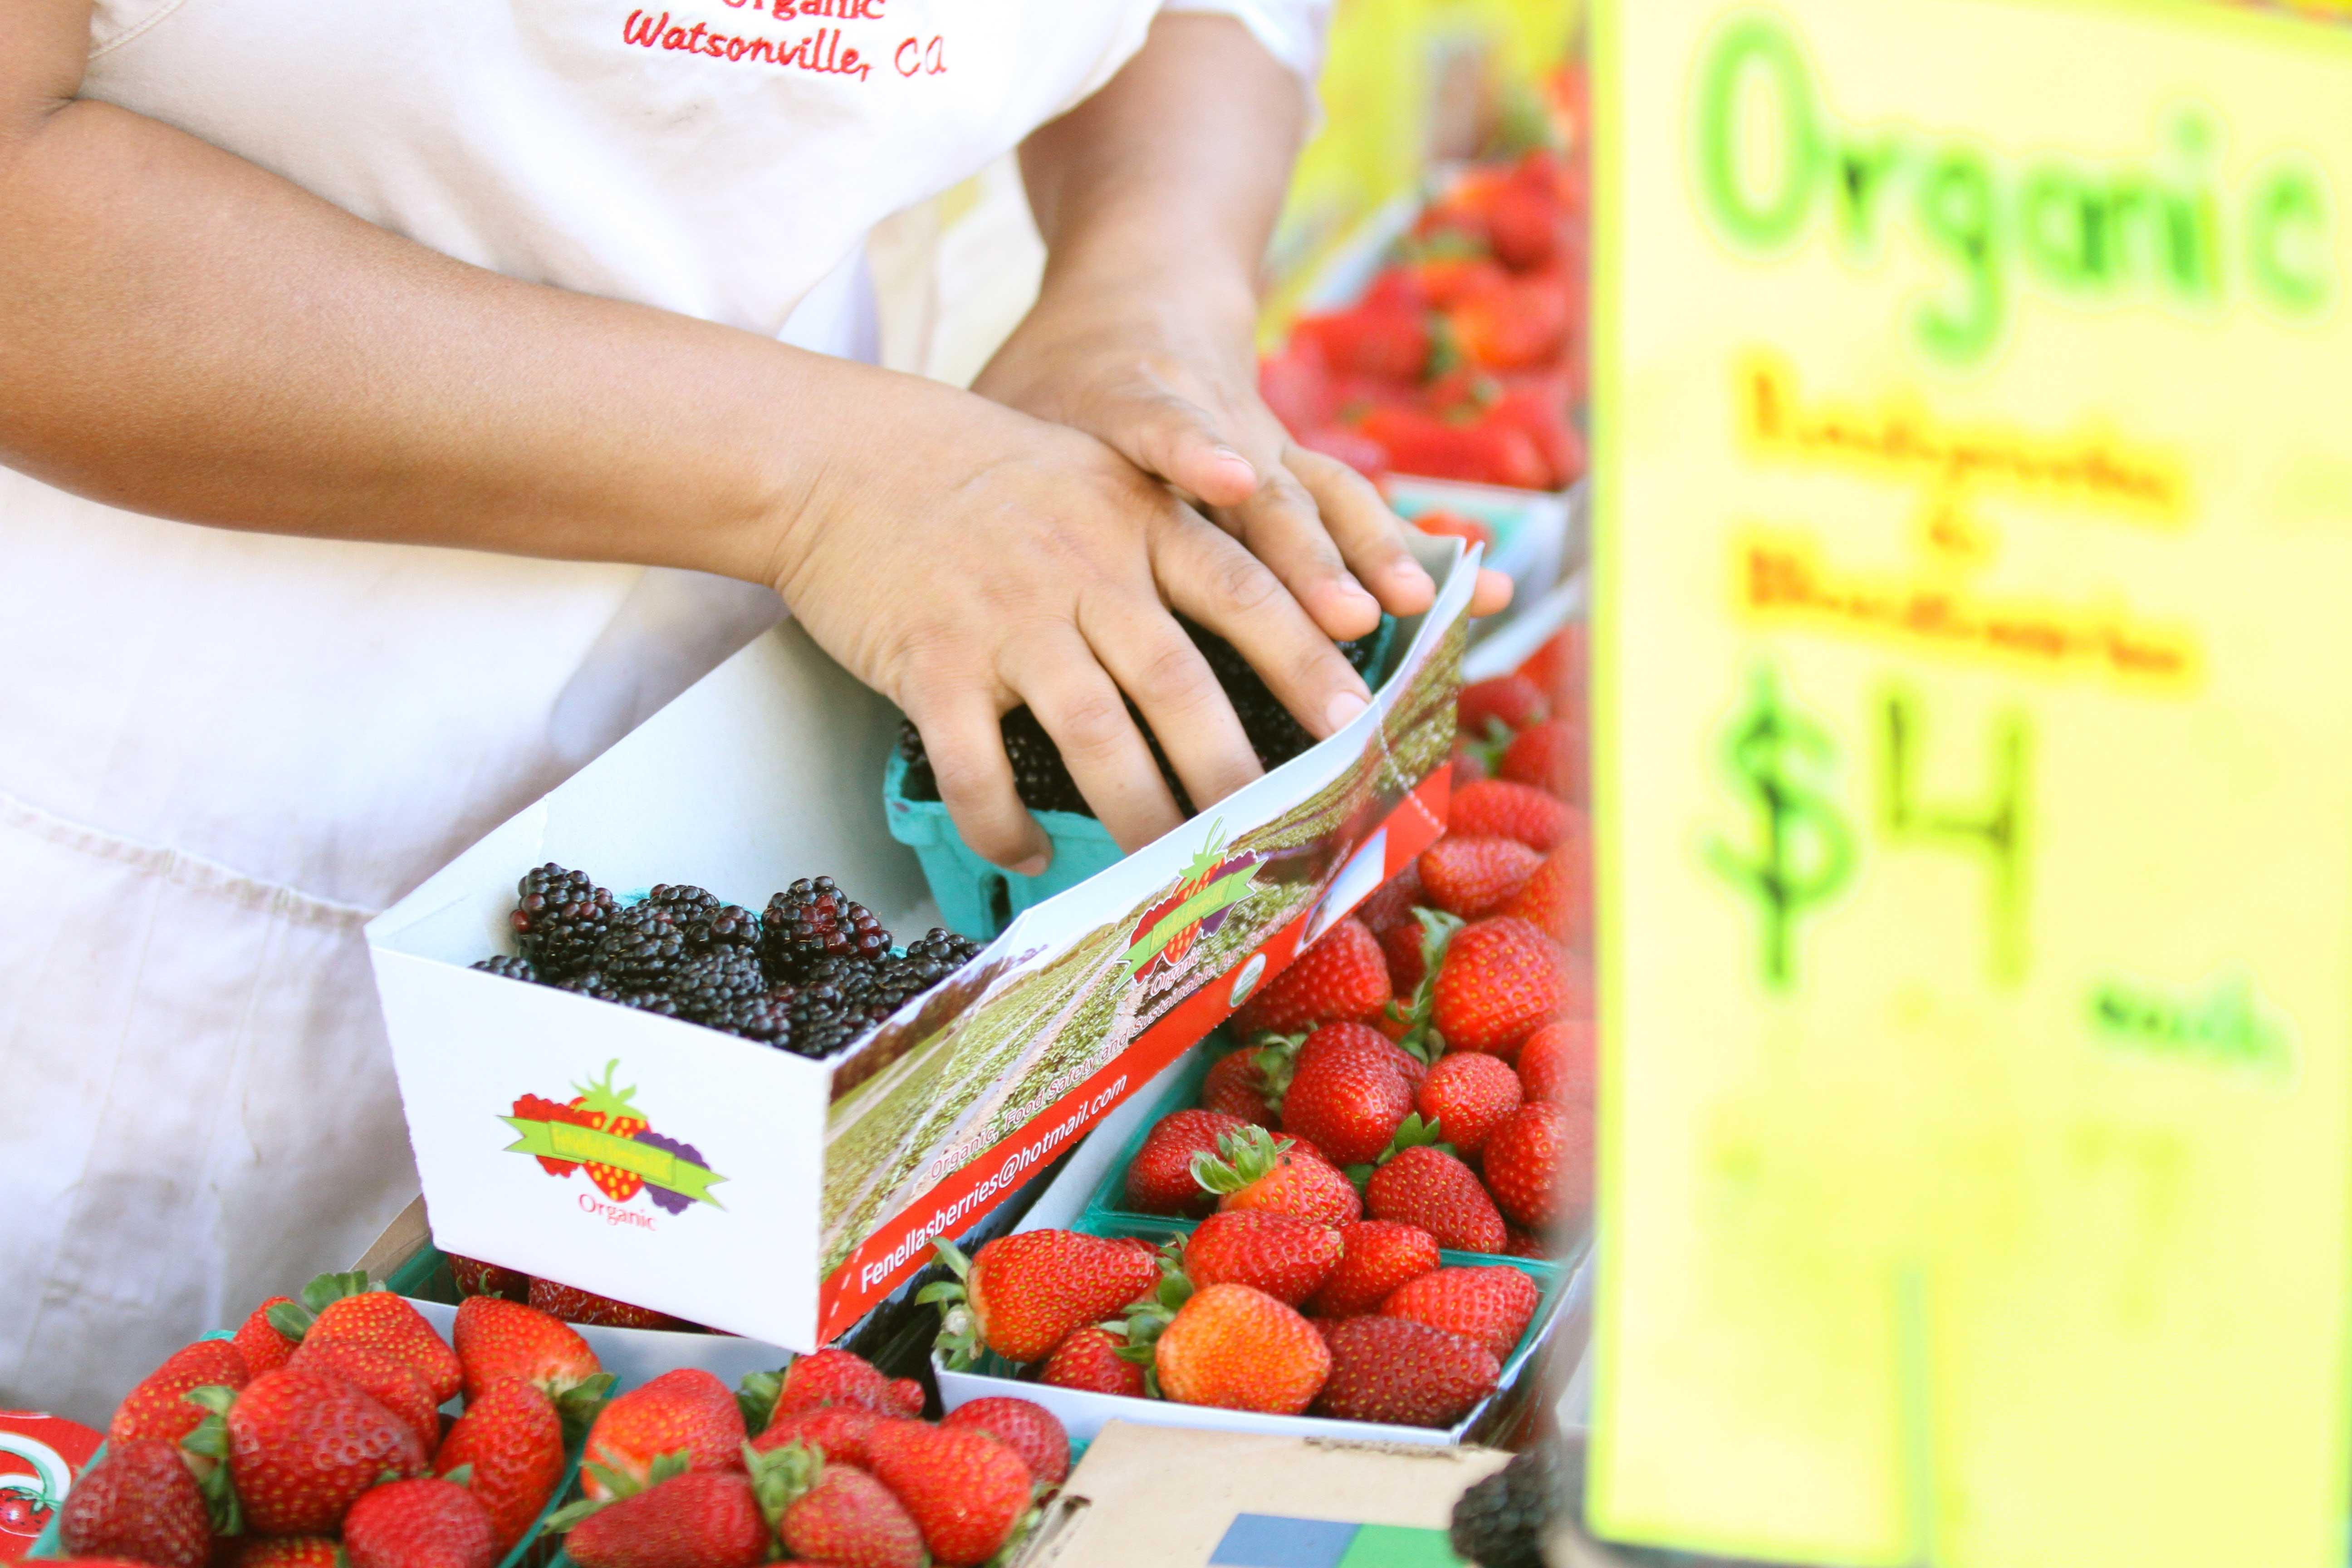 Organic blackberries are prepped for sale at Palo Alto's California Avenue Market. (Alex Blandino/Peninsula Press)